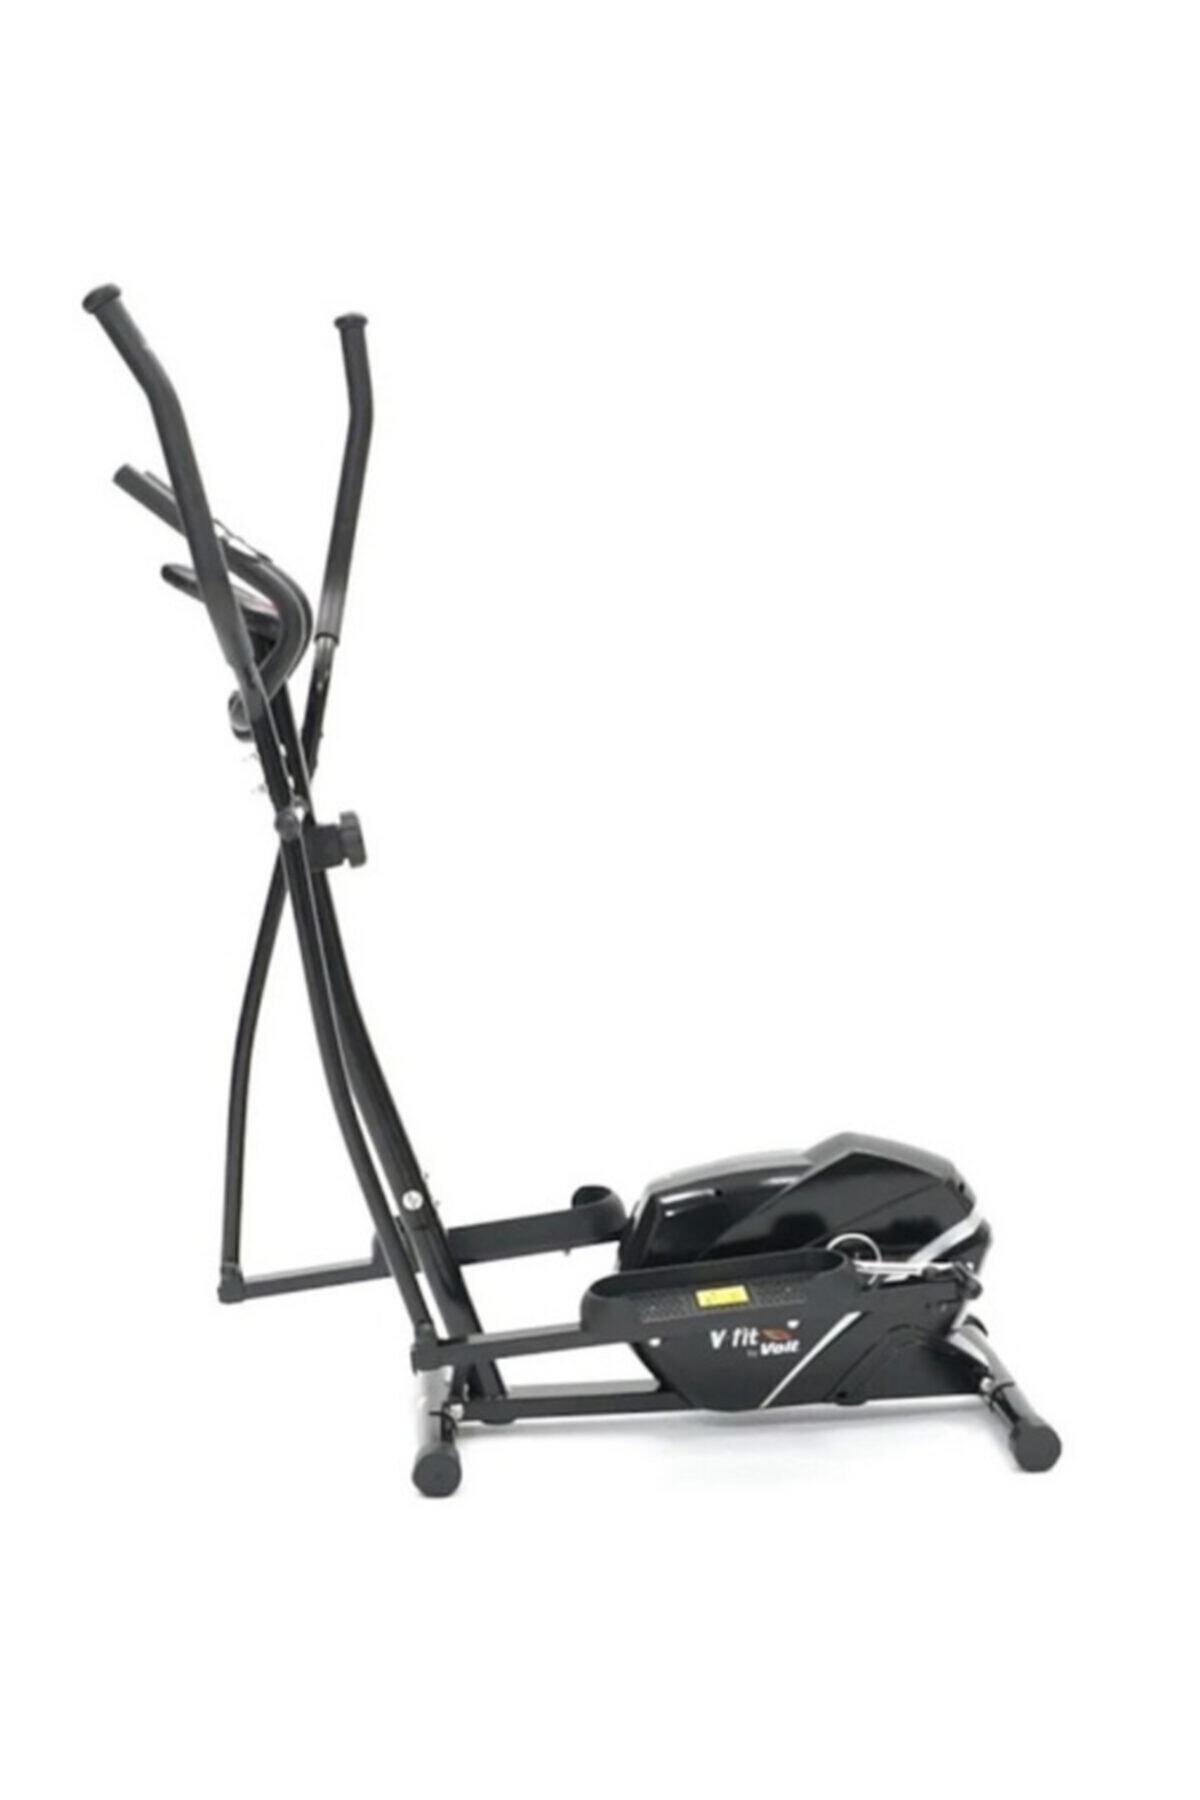 Voit V-fit Manyetik Eliptik Bisiklet 1